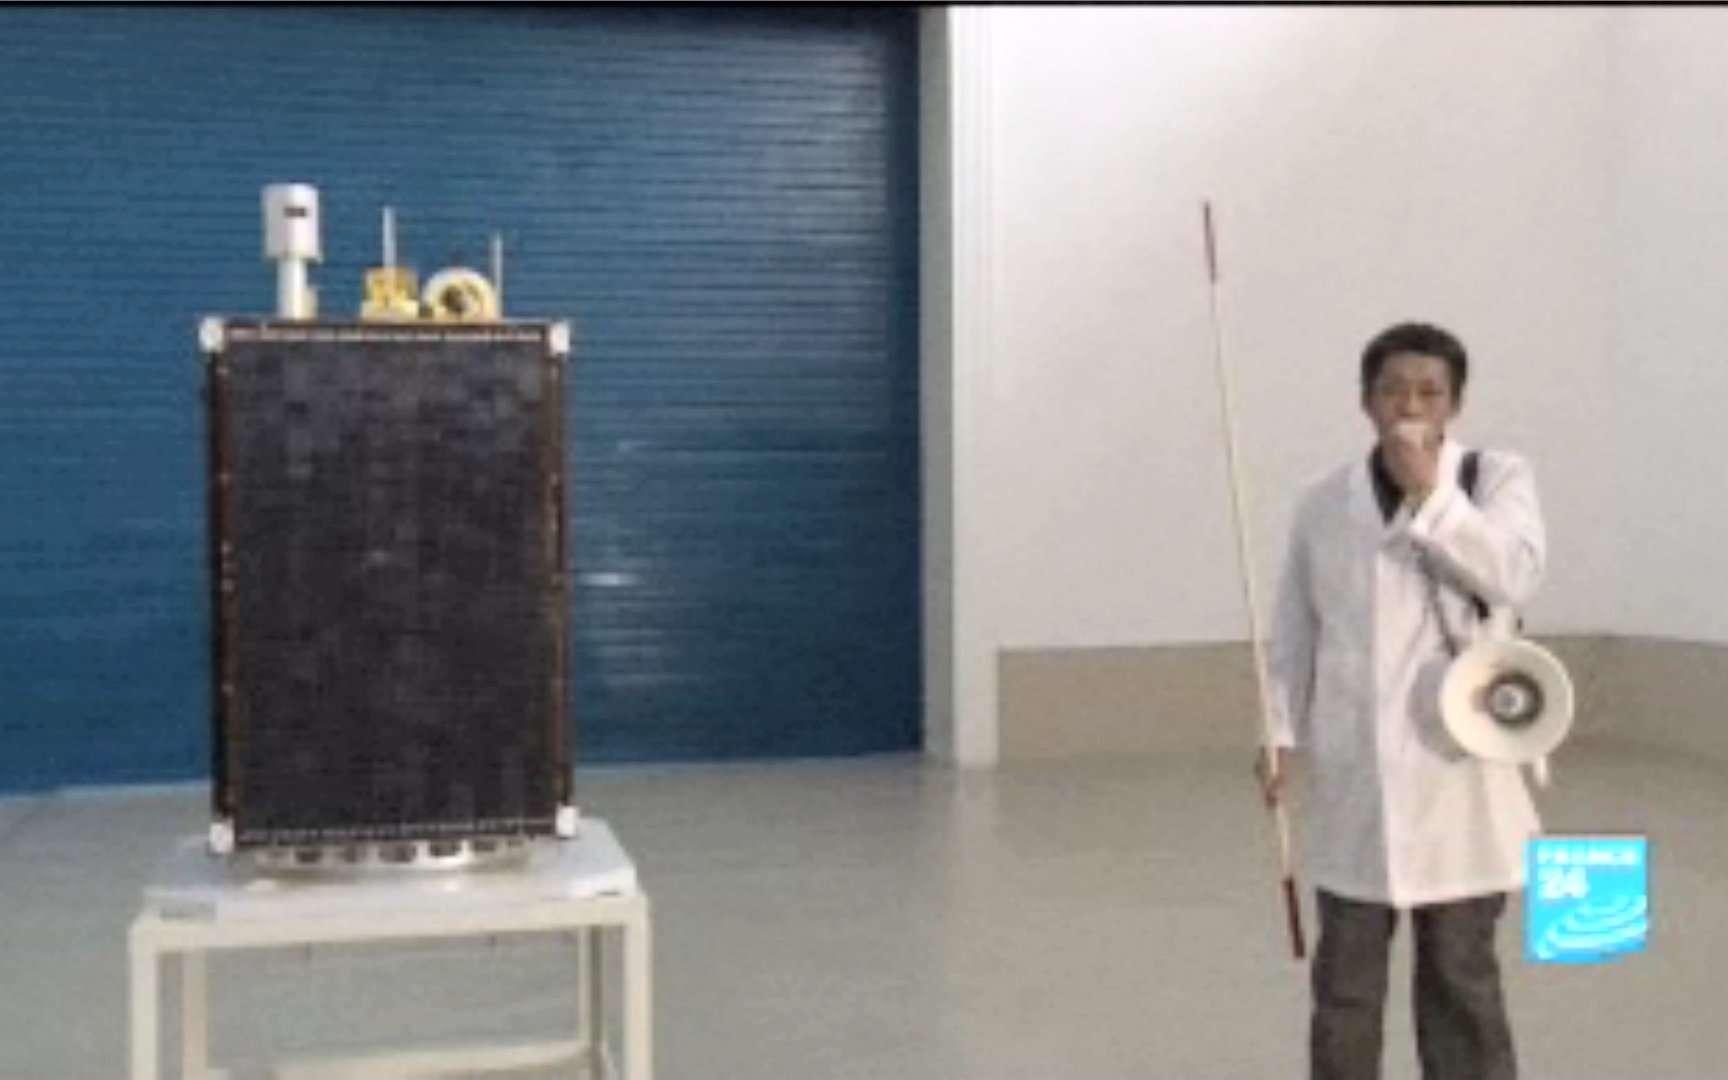 Le satellite Kwangmyongsong-3 présenté à la presse internationale avant le tir du lanceur Unha, alias Taepodong. L'image est extraite d'un reportage de France 24. © France 24